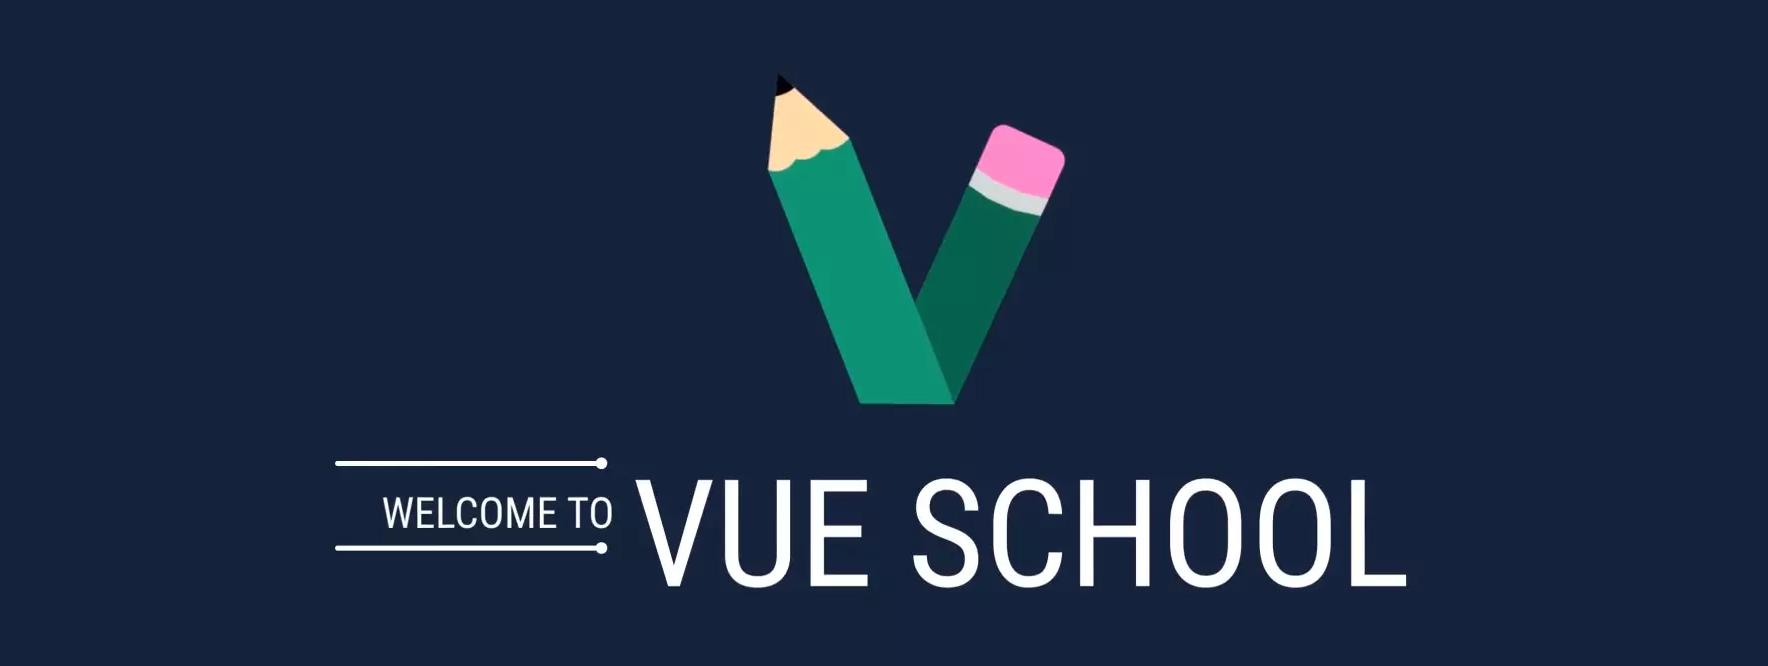 Vue js Newsletter #34: New Vue v2 2 0 release, introducing